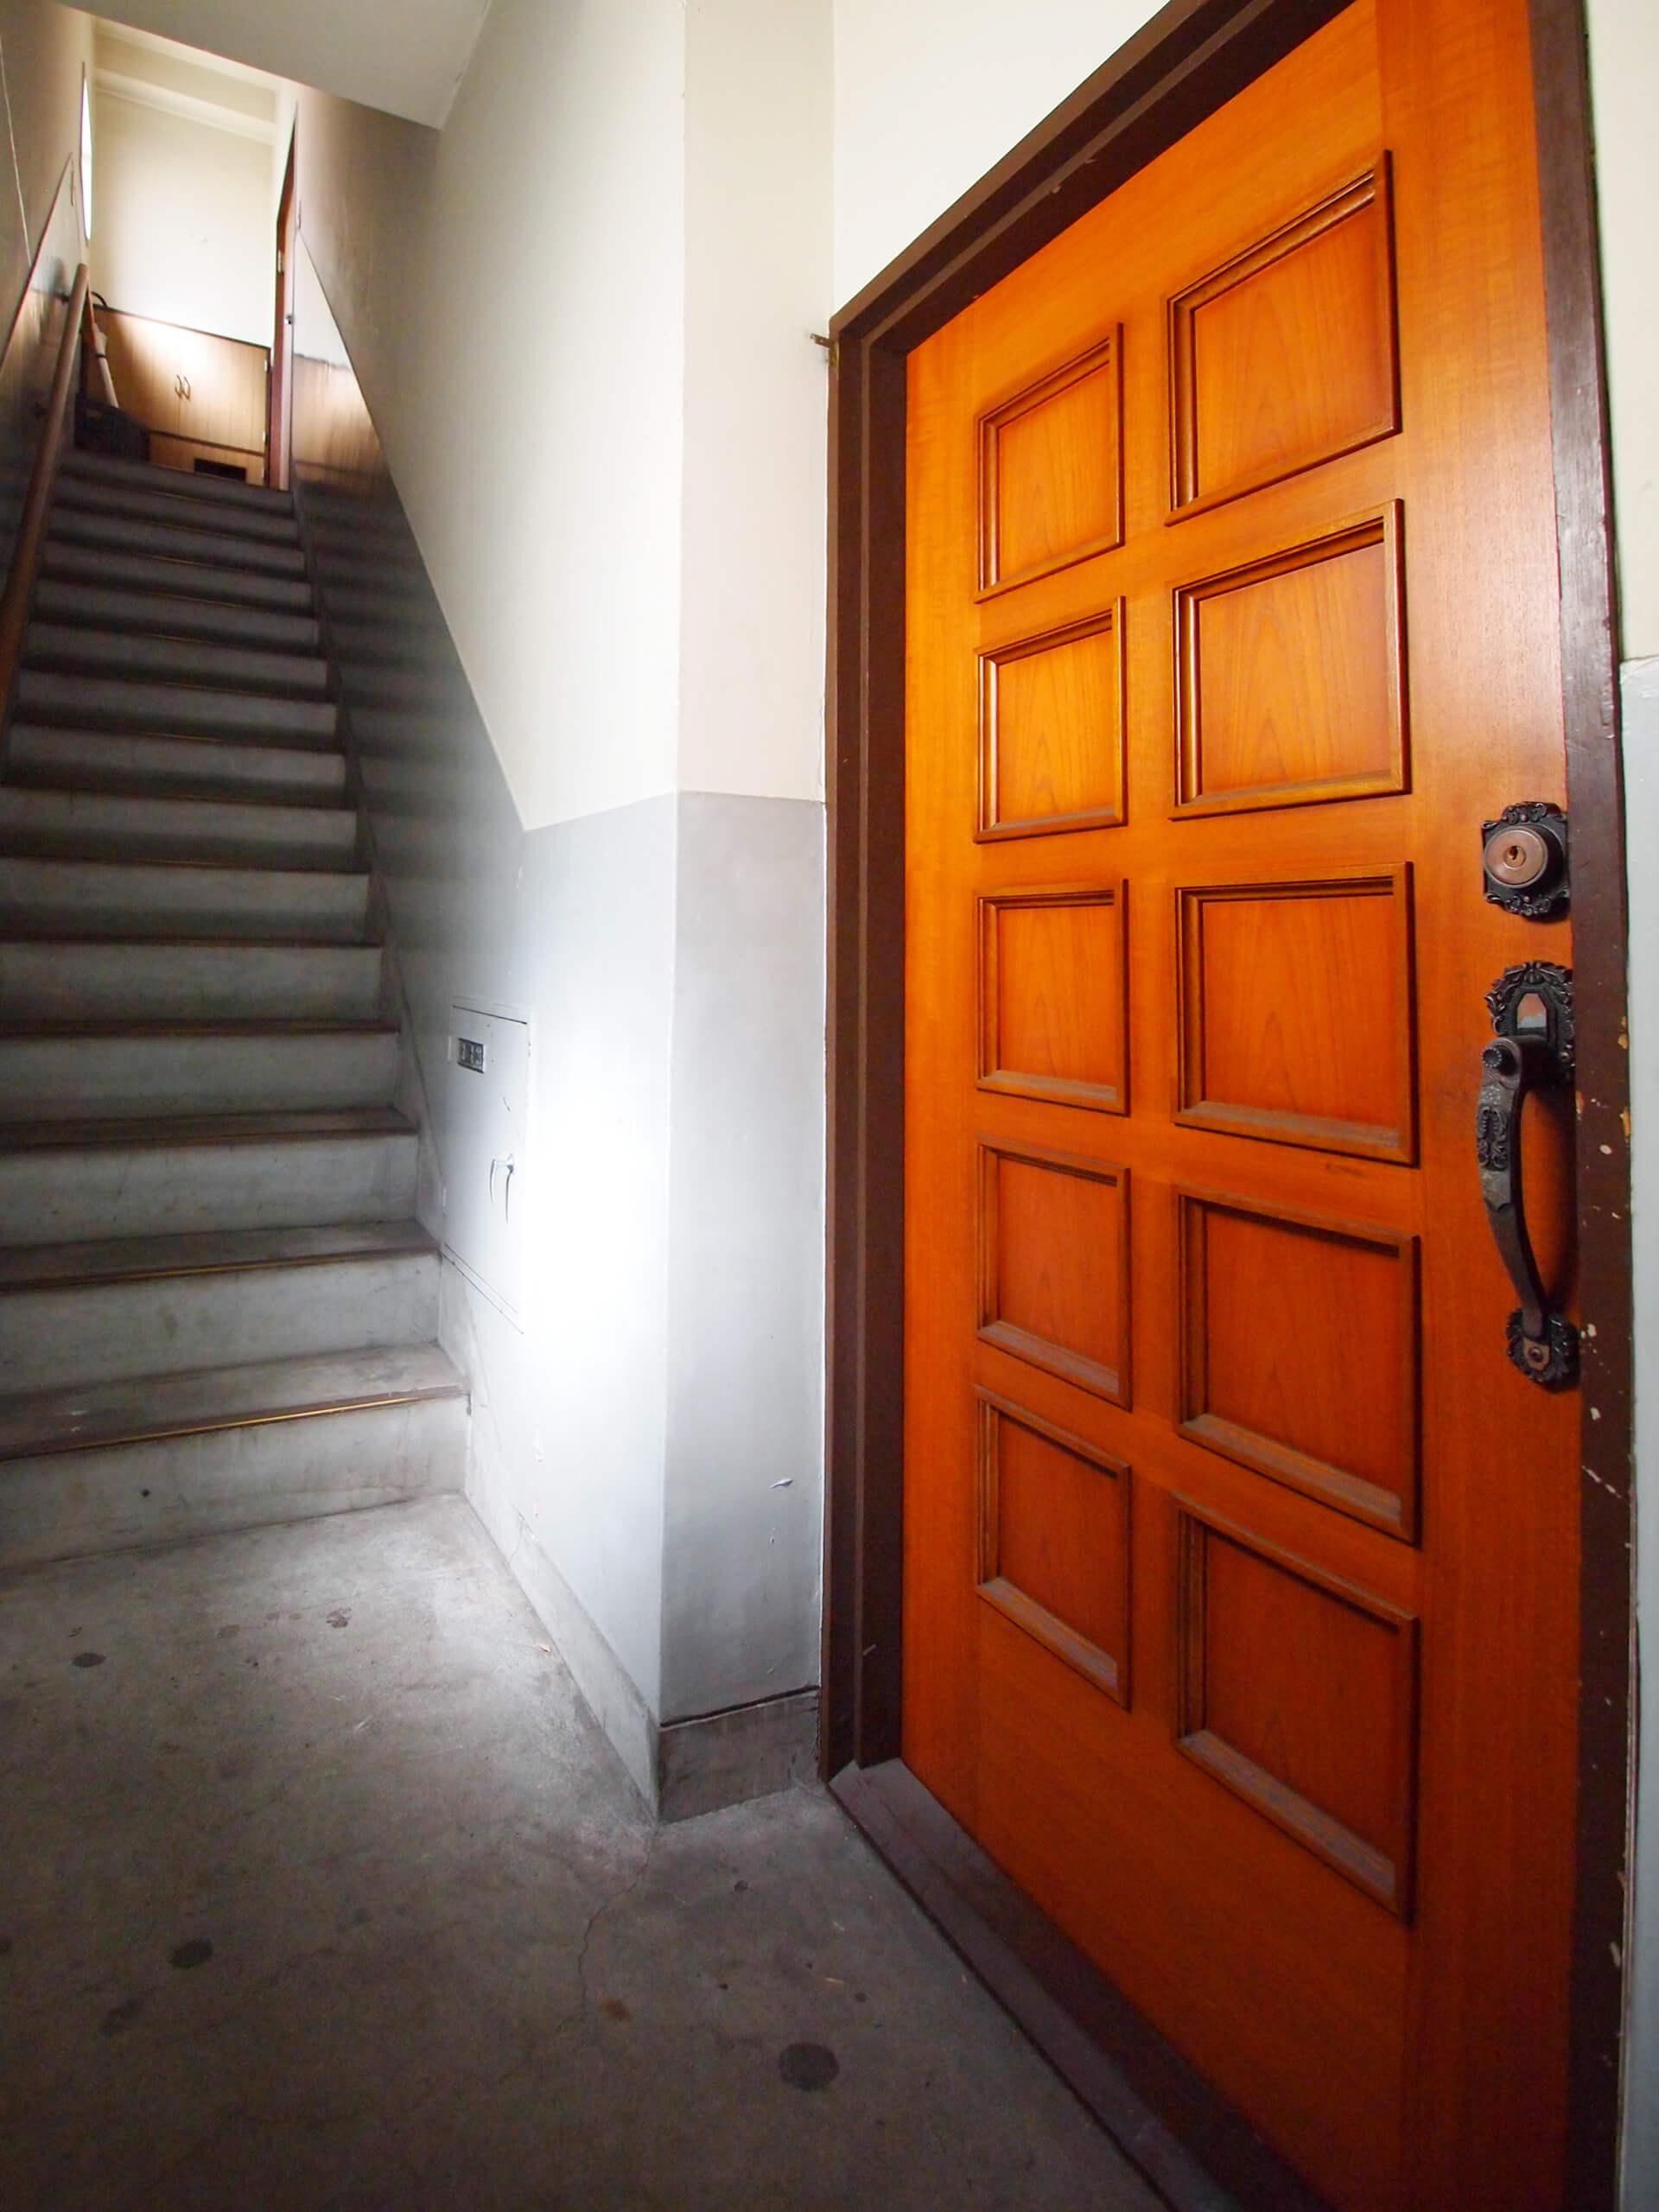 【階段】2階の入り口。木製のドアがレトロですてき